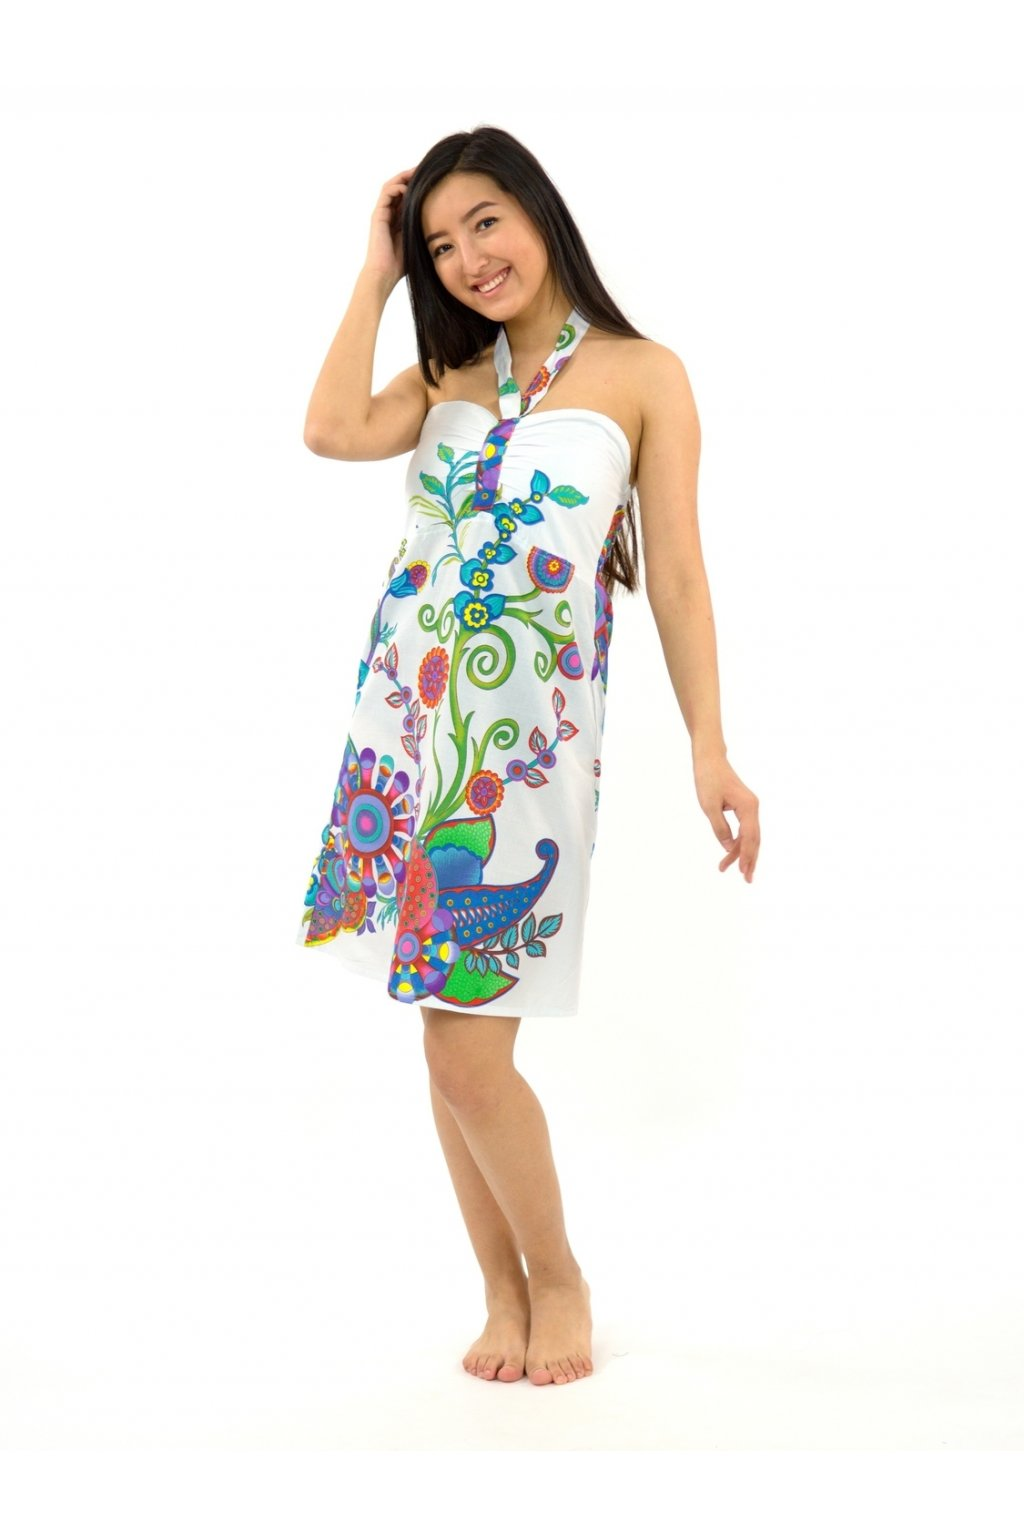 Šaty za krk Indu - bílé s květinami